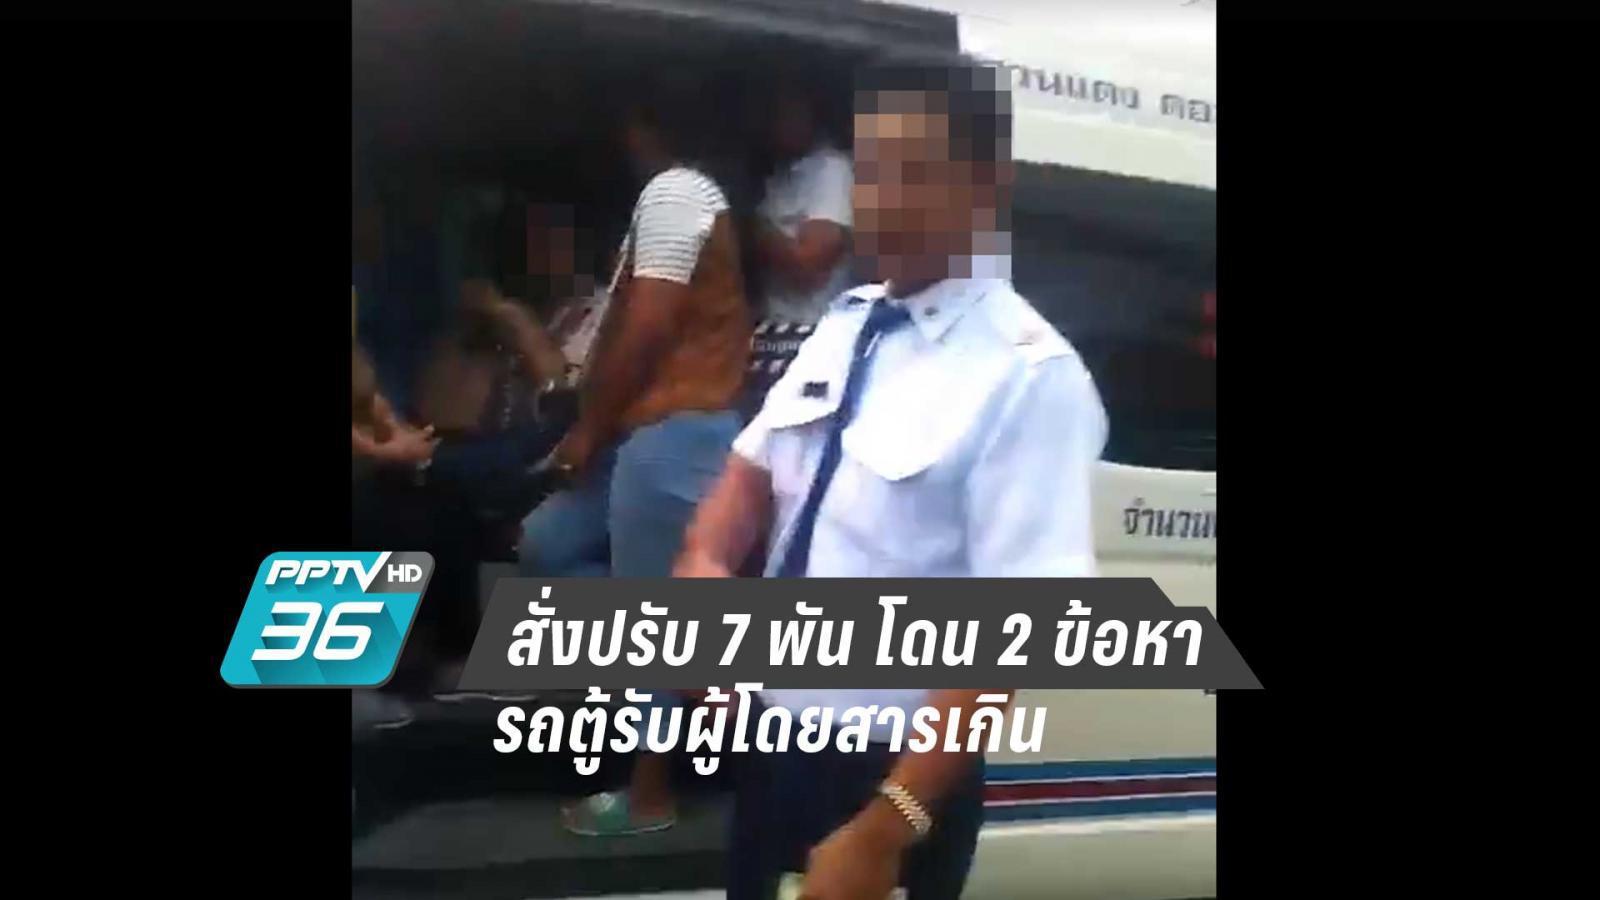 ขนส่งฯ สั่งปรับ 7 พัน โดน 2 ข้อหา รถตู้รับผู้โดยสารเกิน